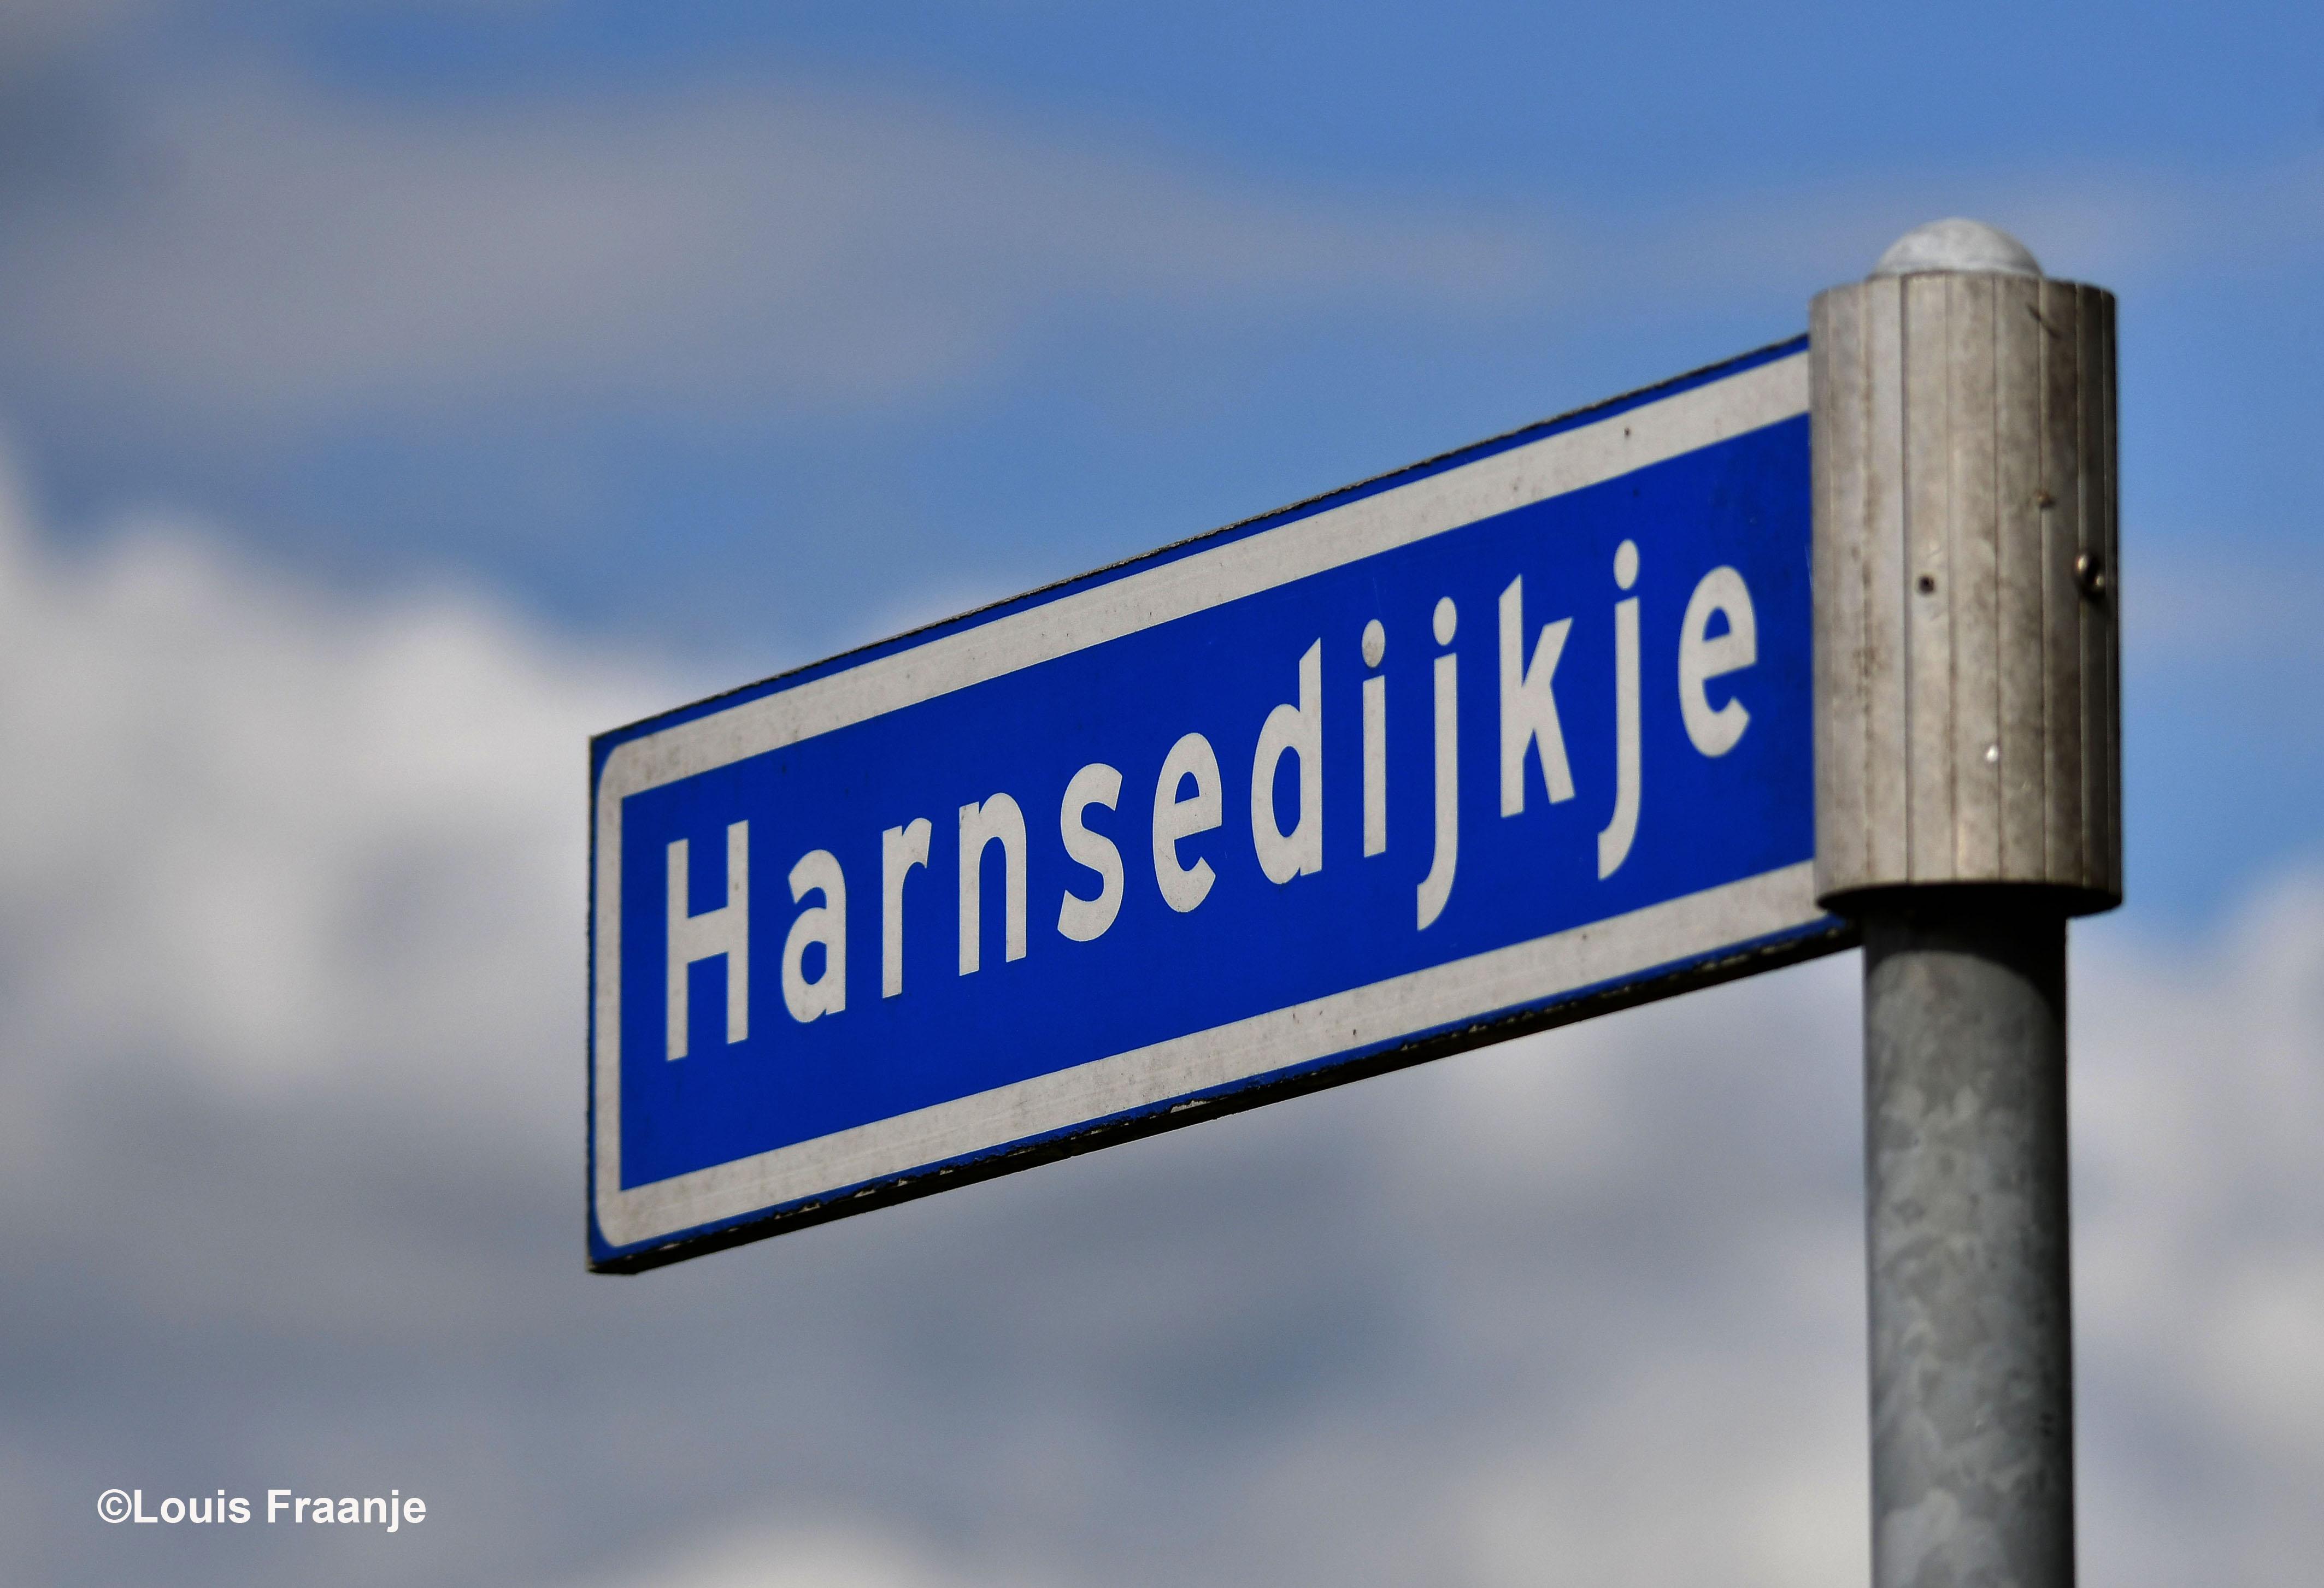 Wat een mooie naam, het Harnsedijkje, is een zijweg van de Langesteeg - Foto: ©Louis Fraanje